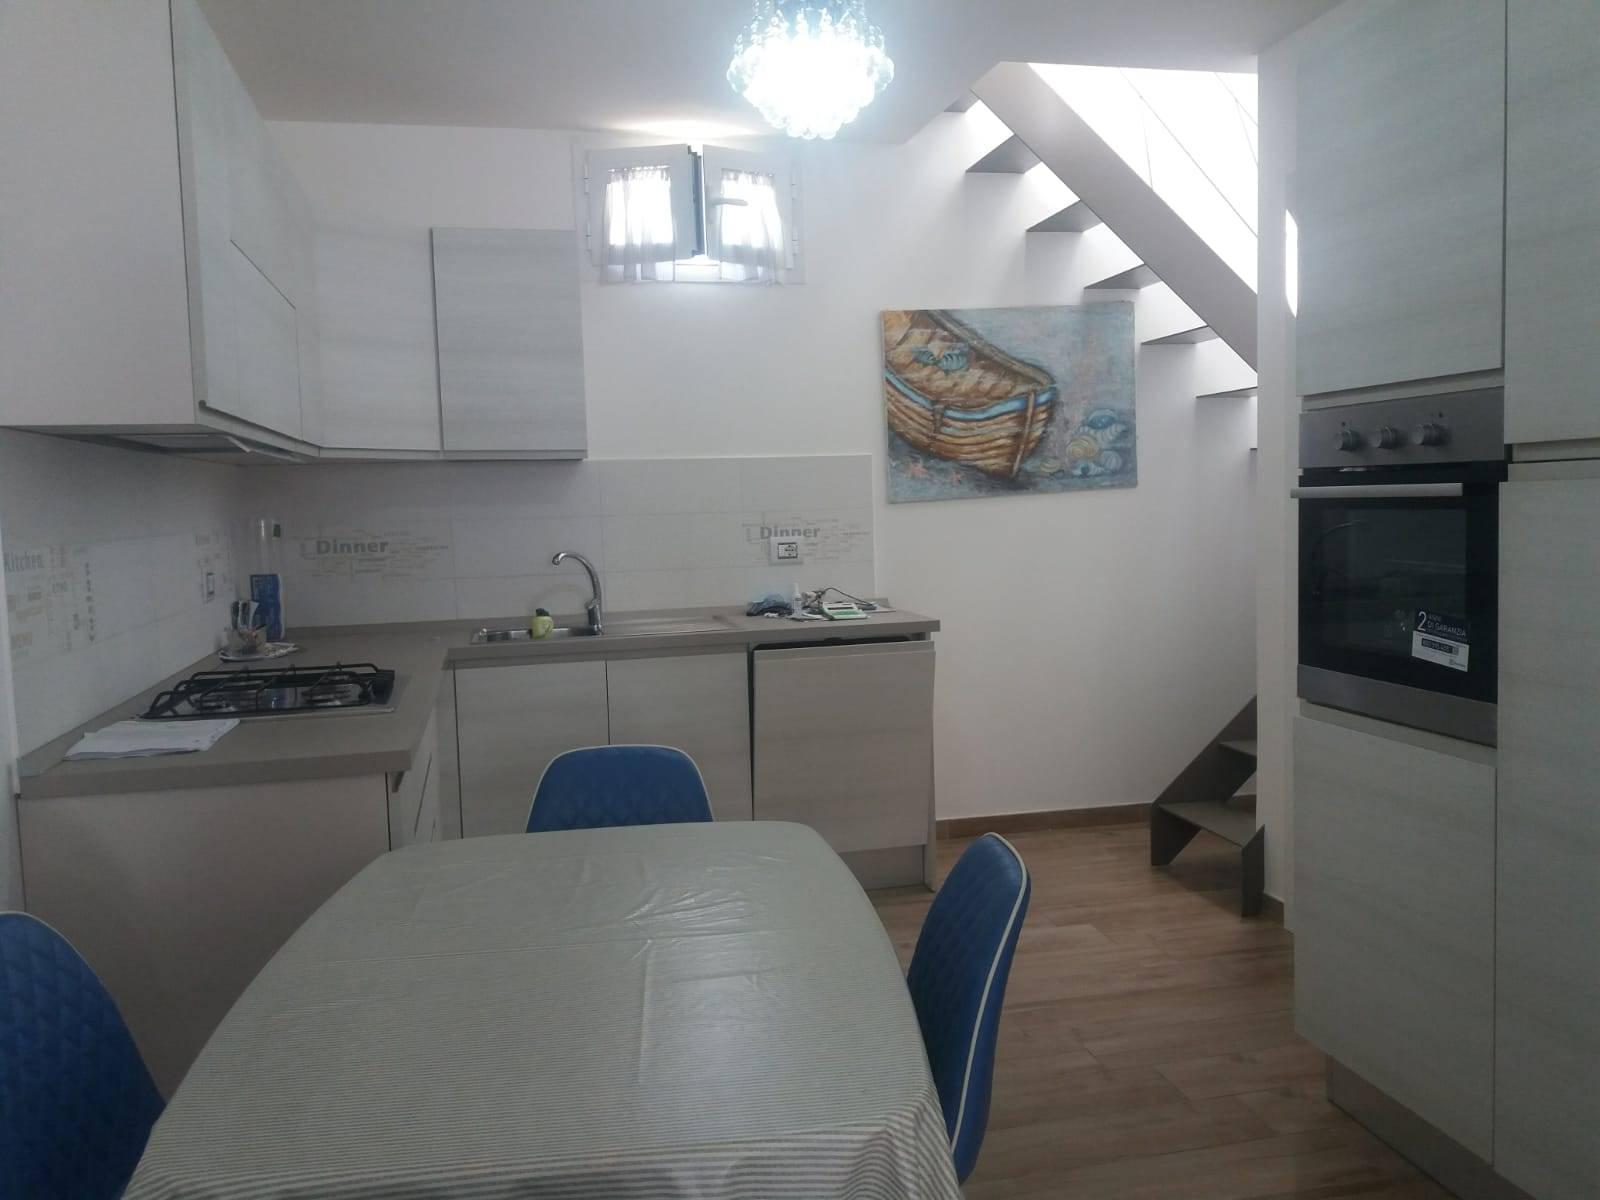 Appartamento in vendita a Barletta, 3 locali, prezzo € 150.000 | CambioCasa.it